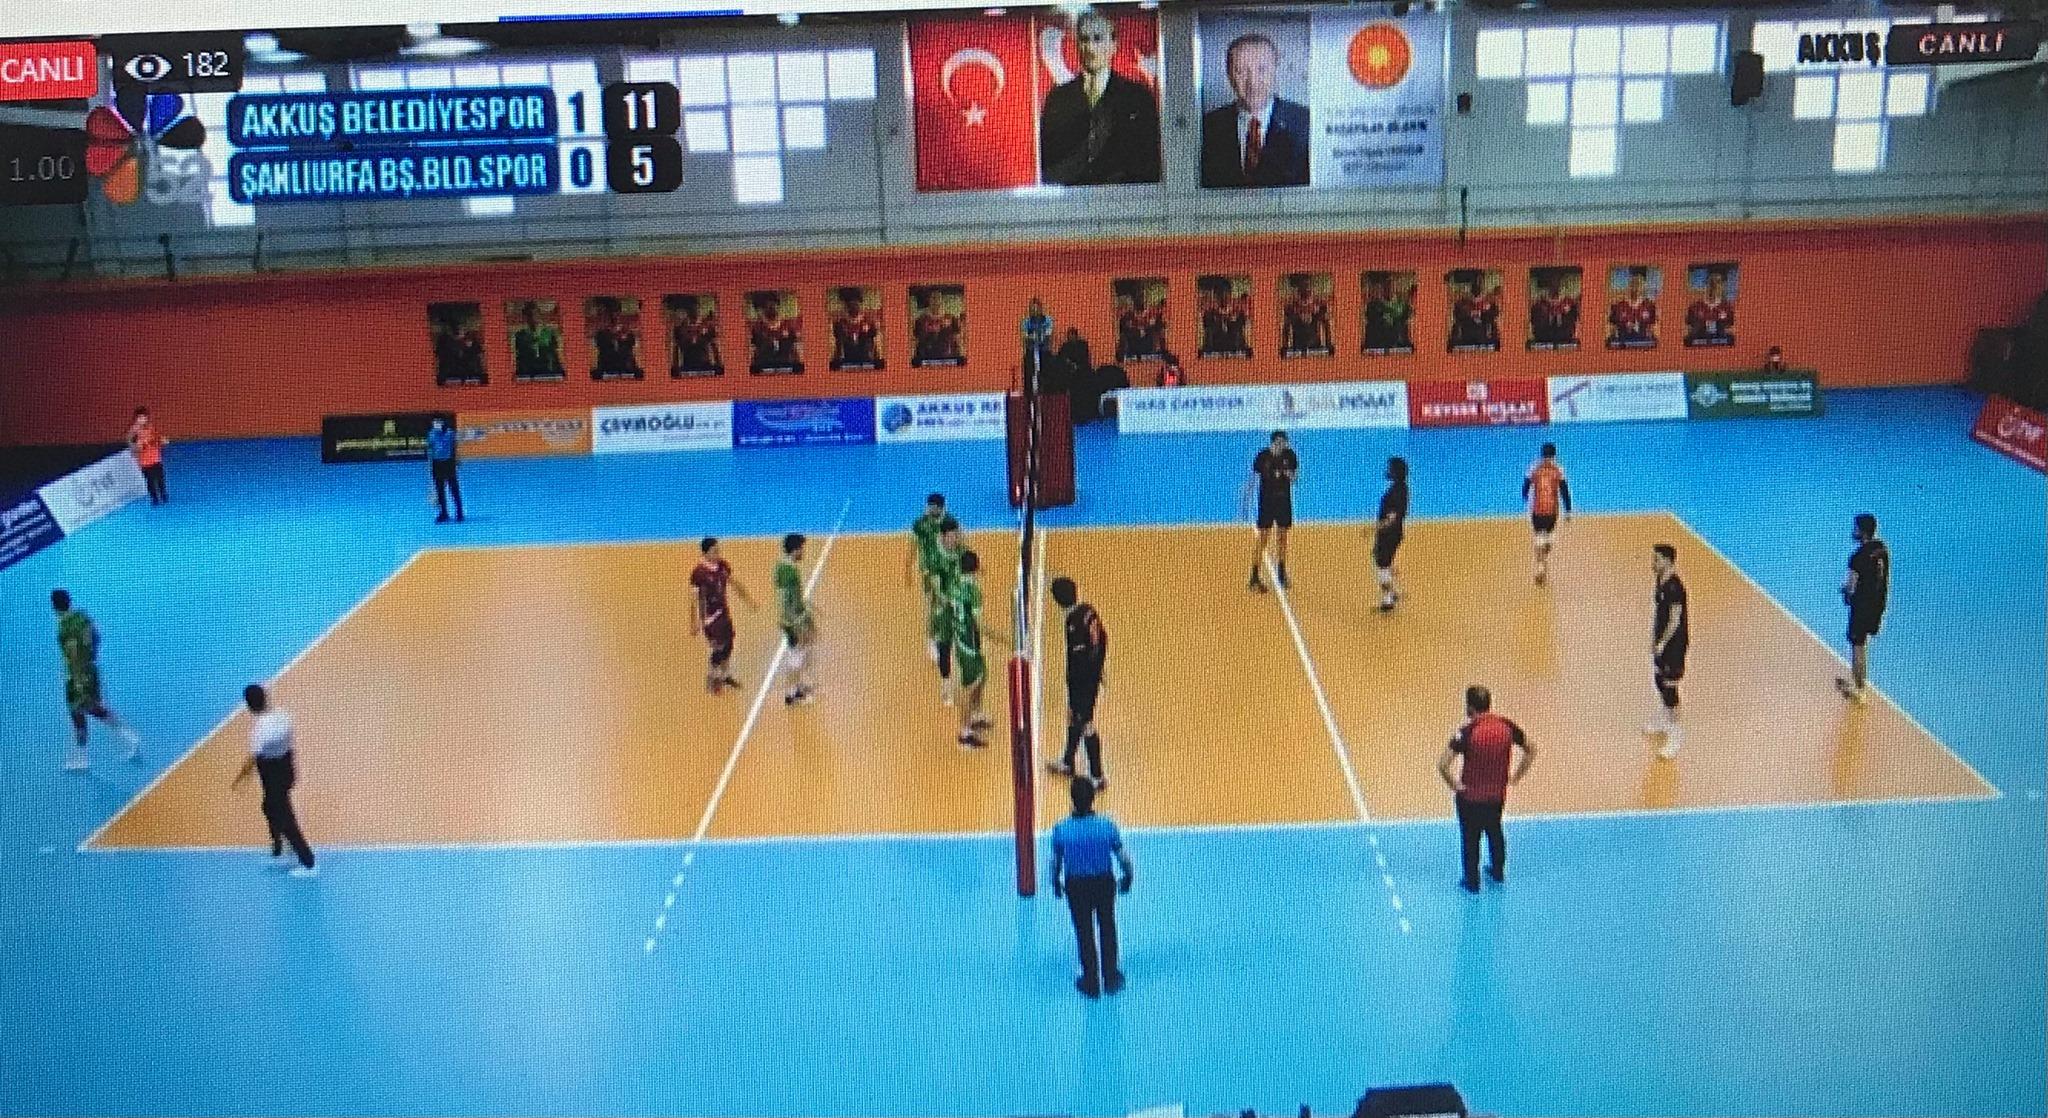 Akkuş Spor Şanlıurfa Spor'u 3-0 Yendi. Tebrikler